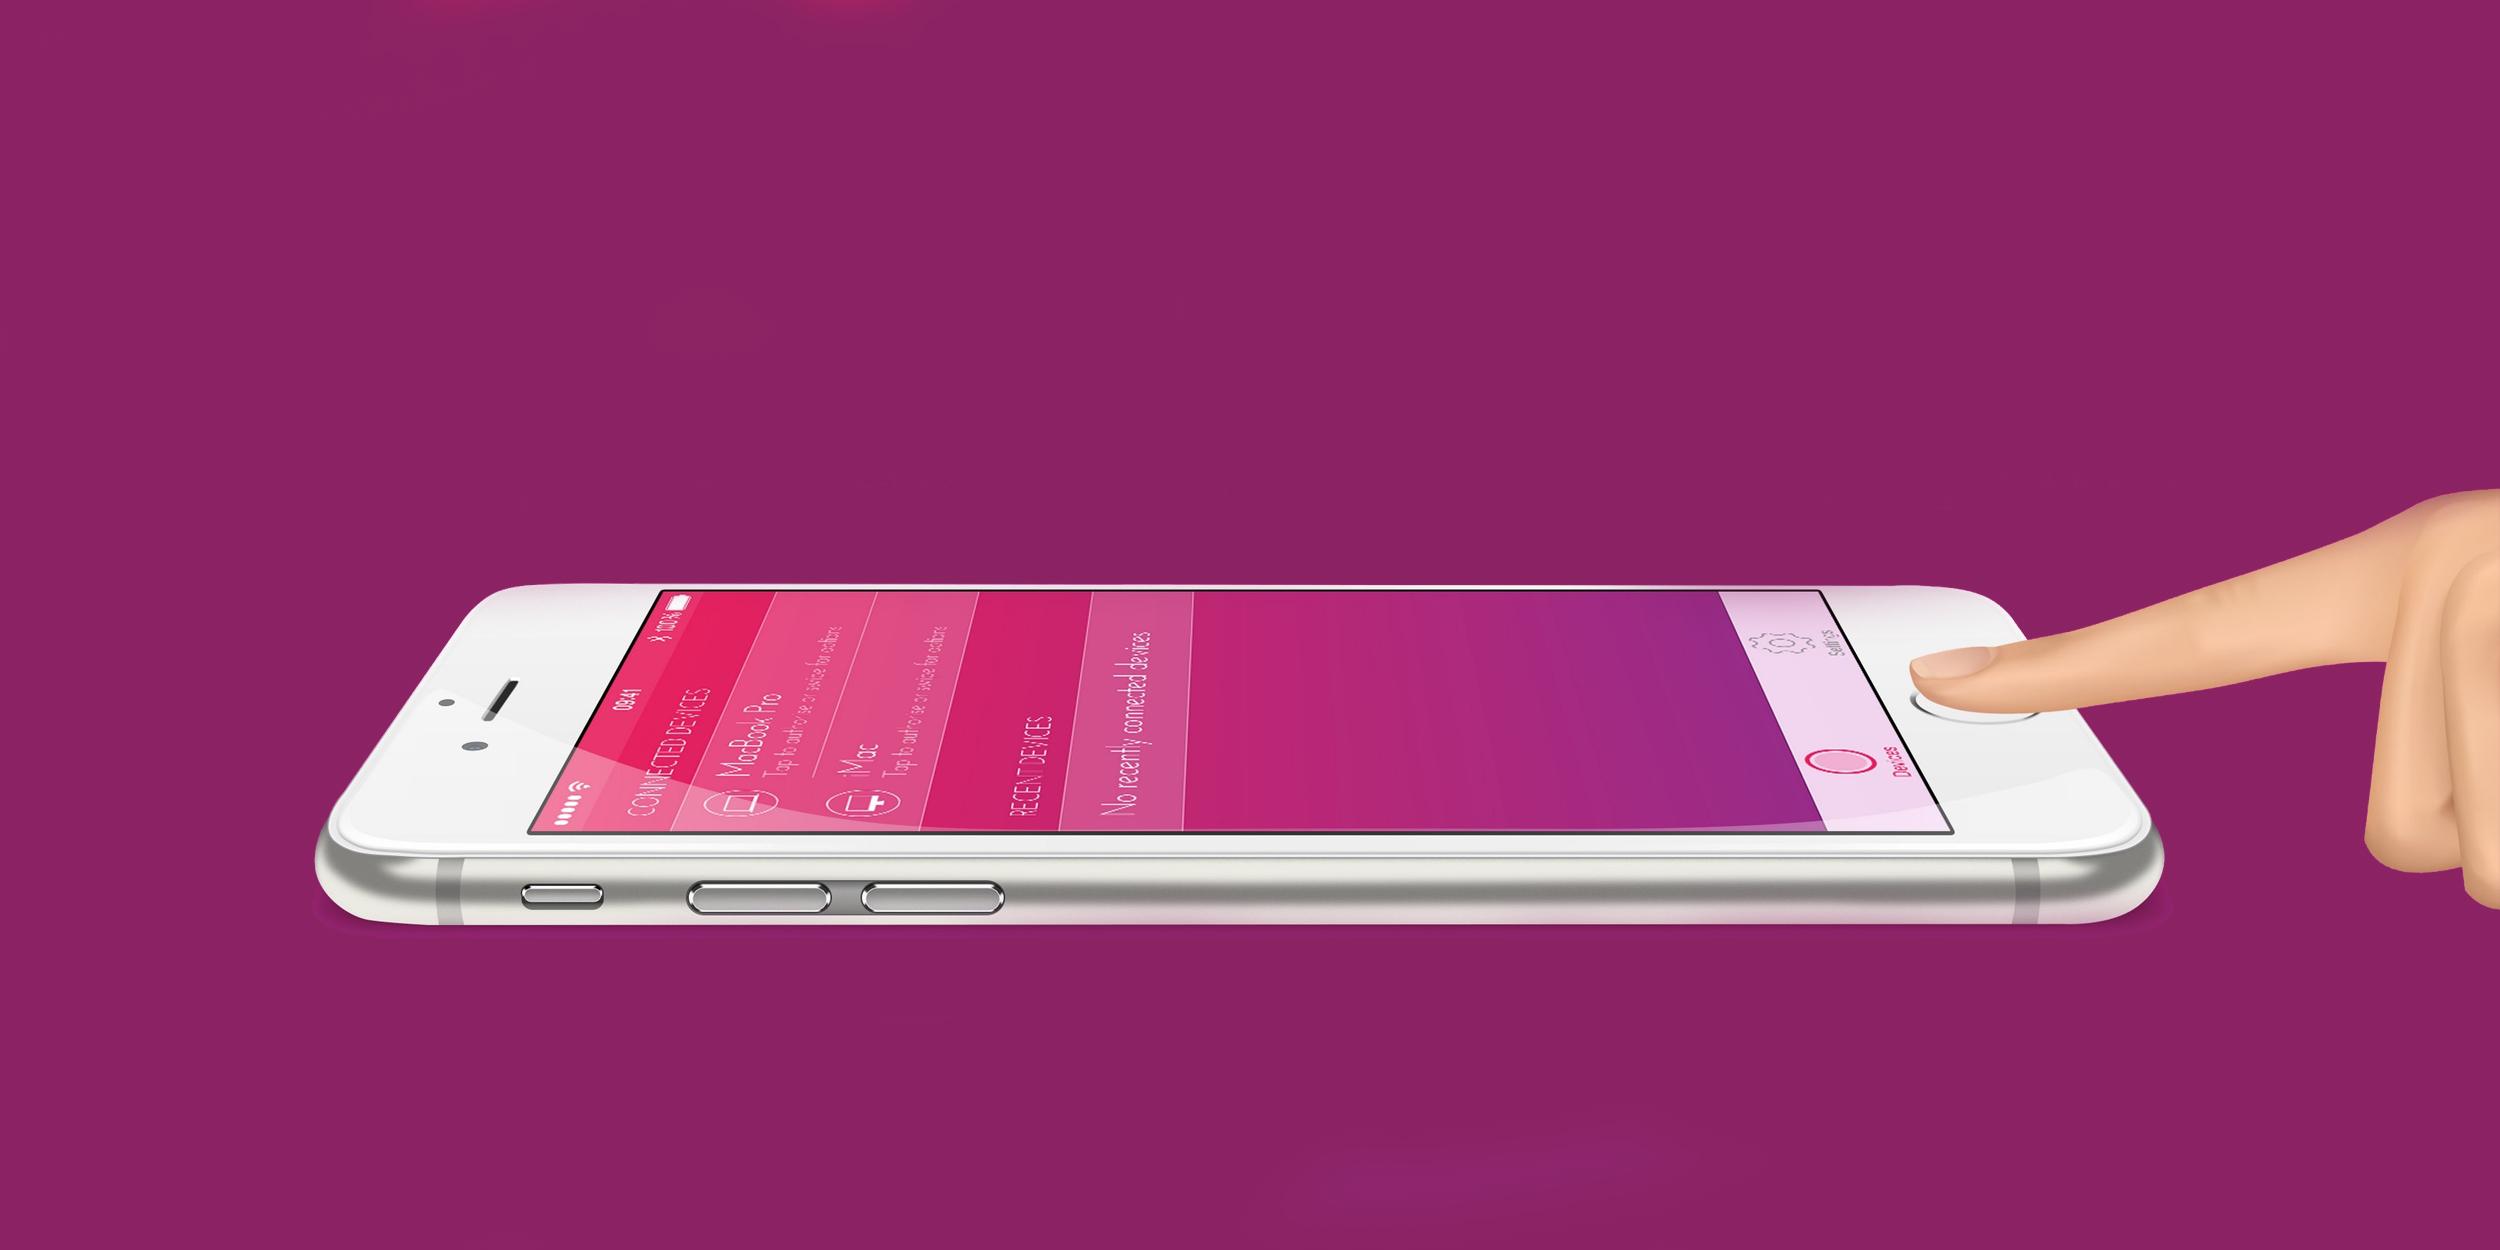 Как сканер отпечатков пальцев стал обязательным элементом мобильных устройств